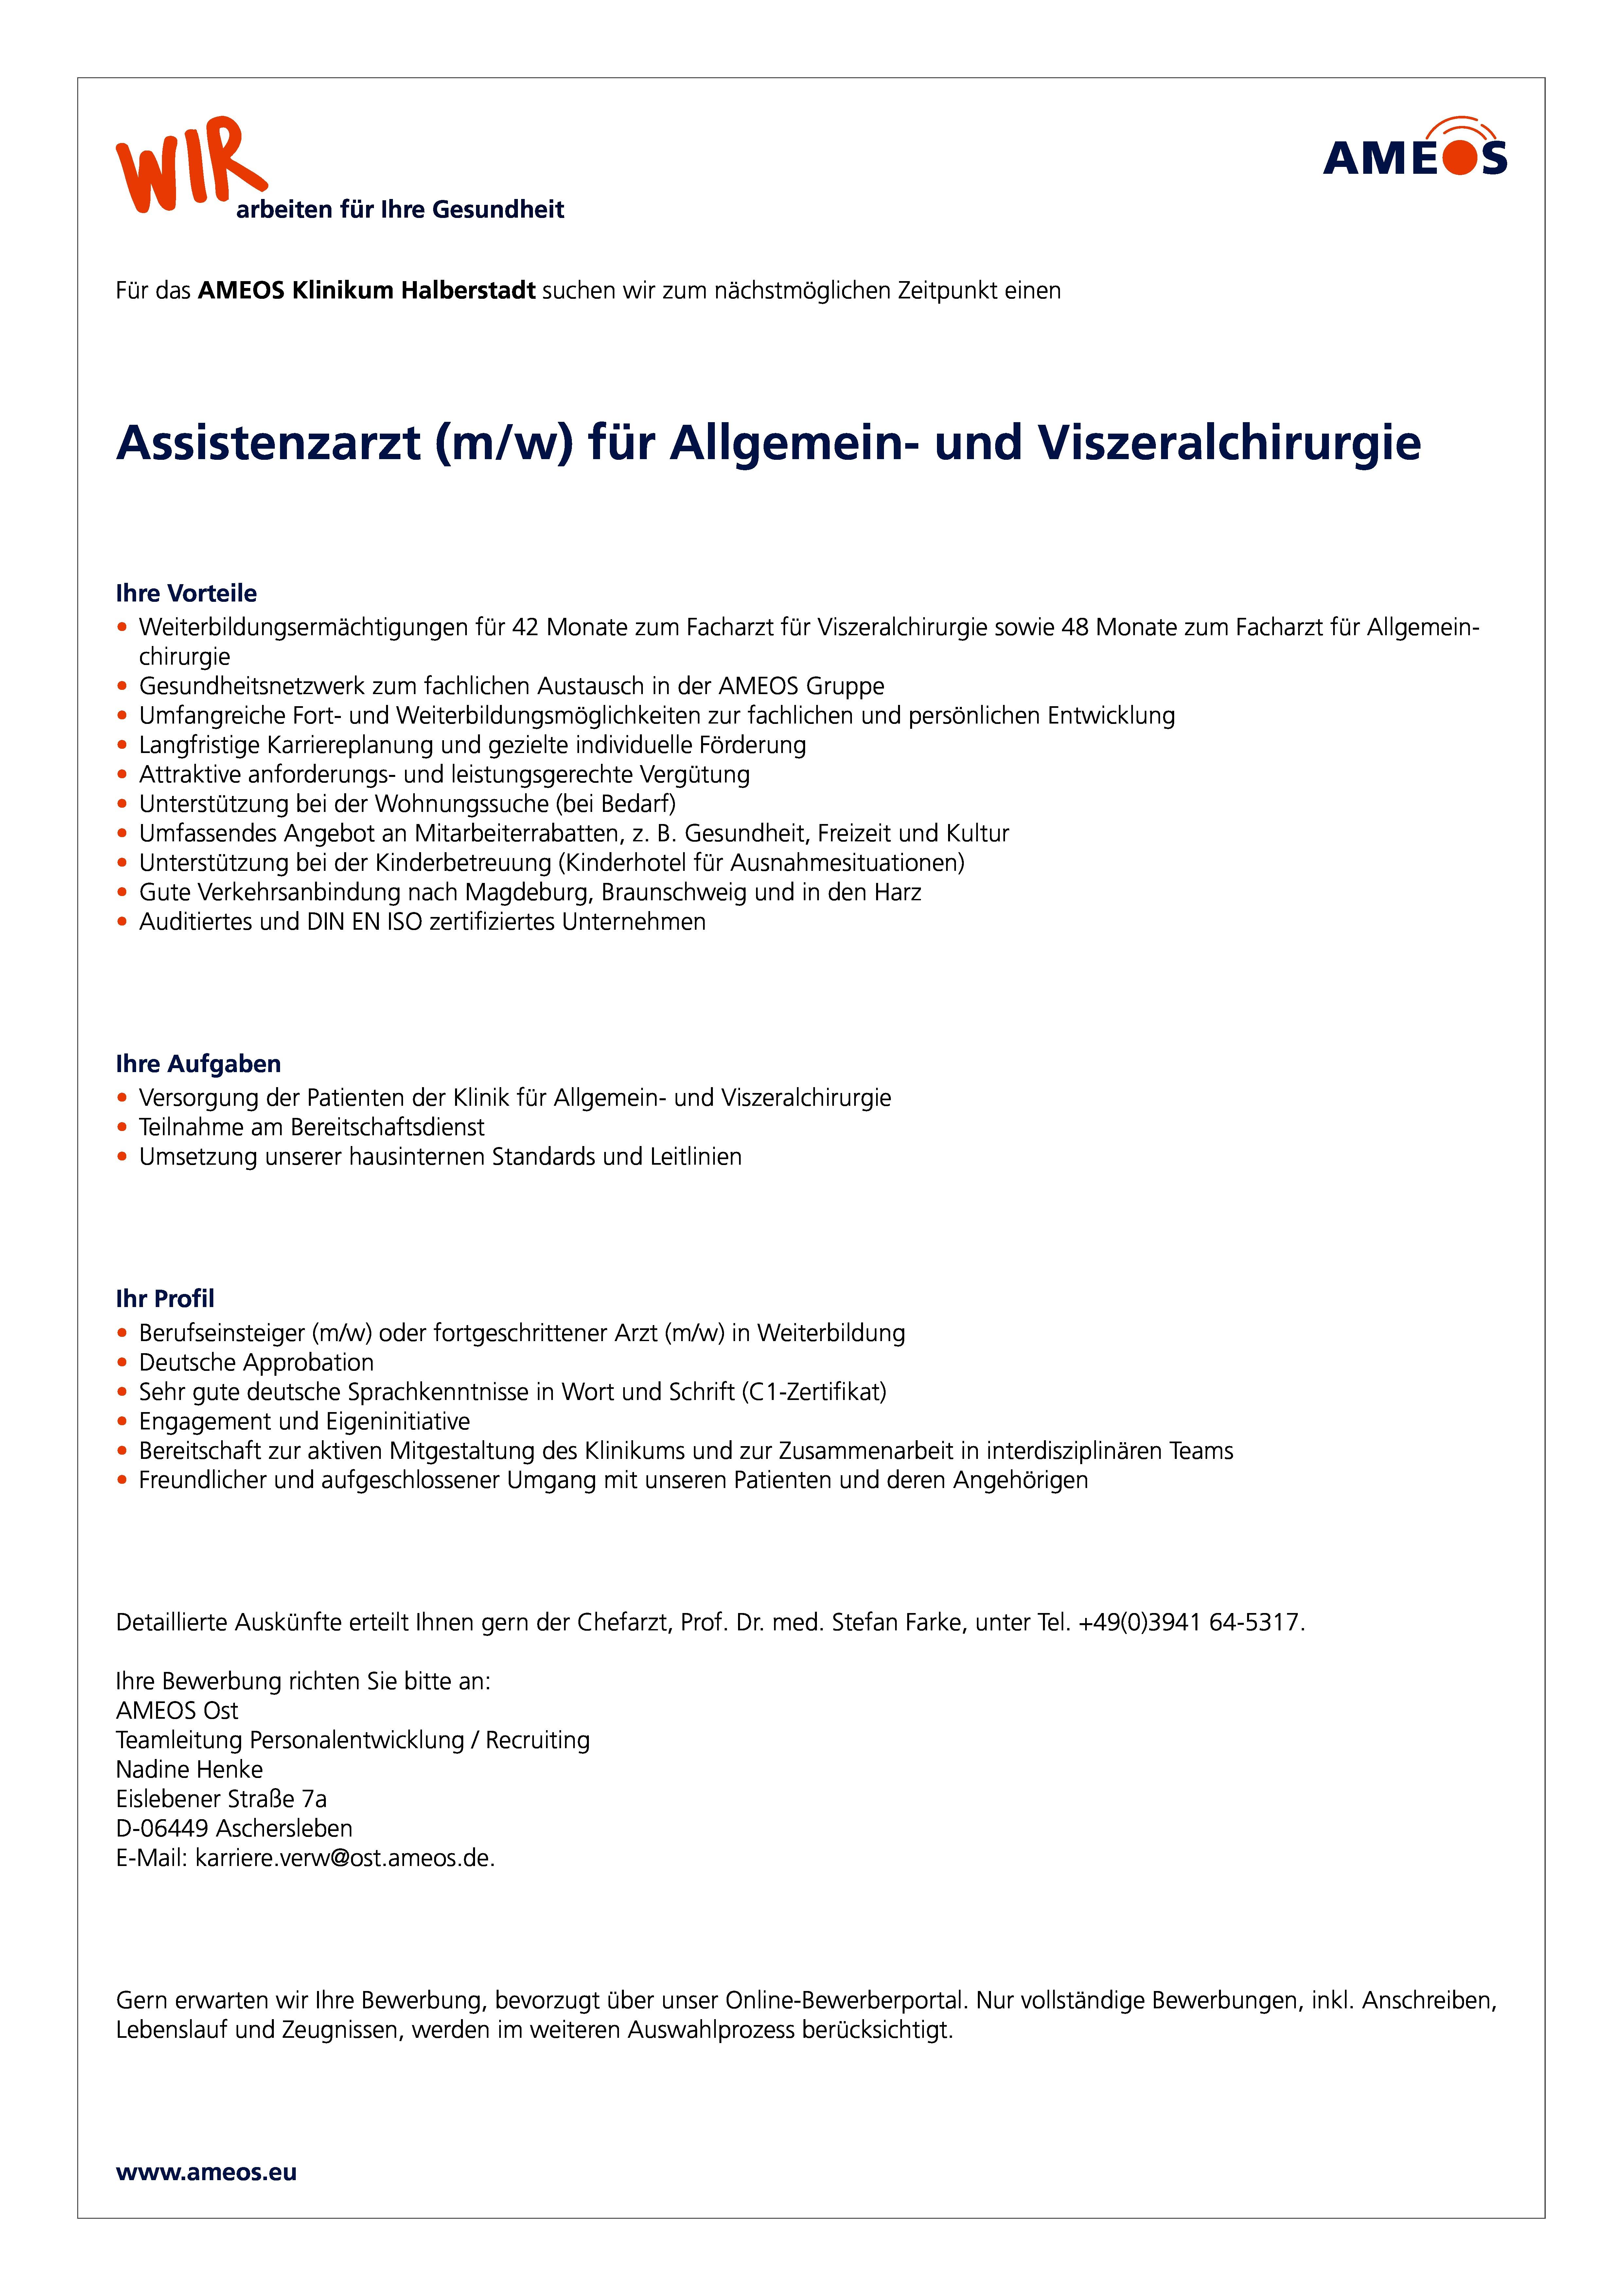 Niedlich Assistenzarzt Lebenslauf Fähigkeiten Liste Galerie ...